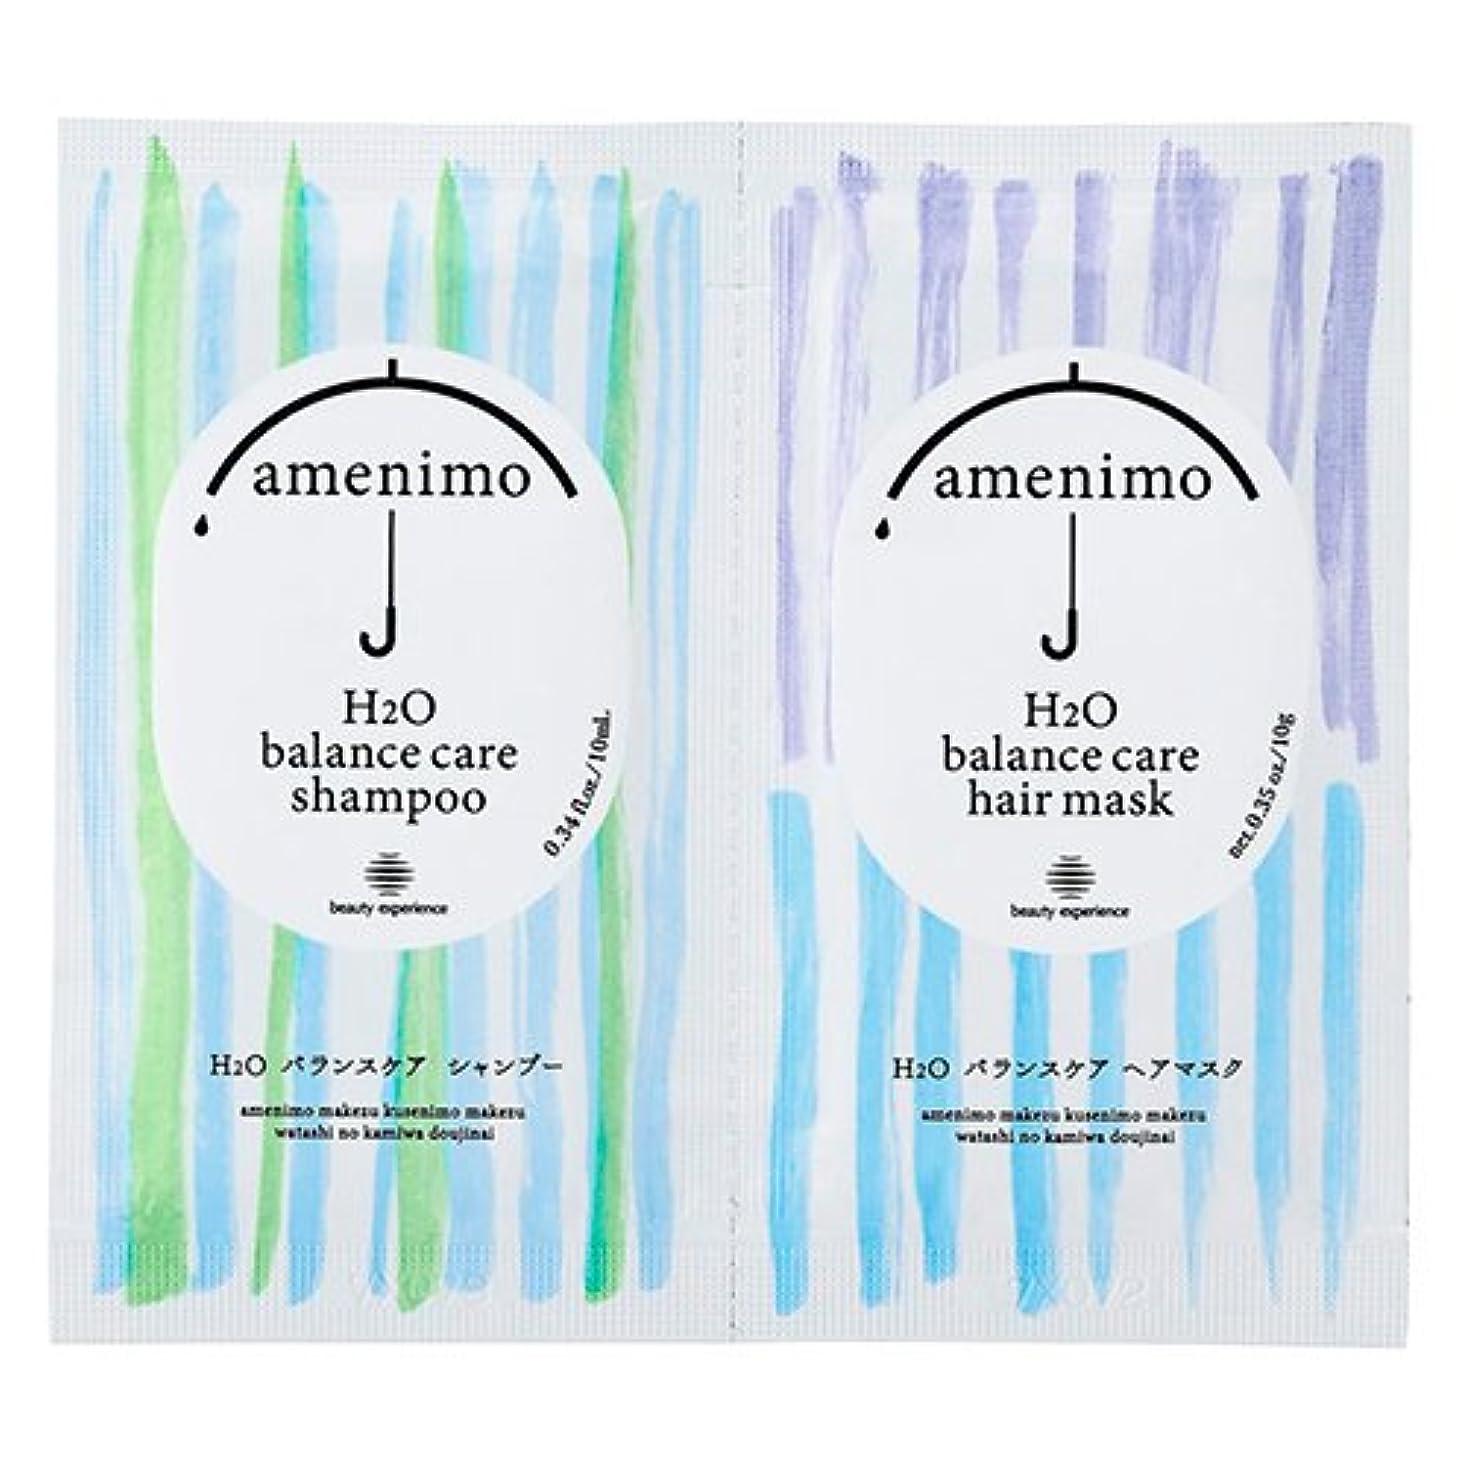 石膏誓う典型的なamenimo(アメニモ) H2O バランスケア シャンプー&ヘアマスク 1dayお試し 10mL+10g